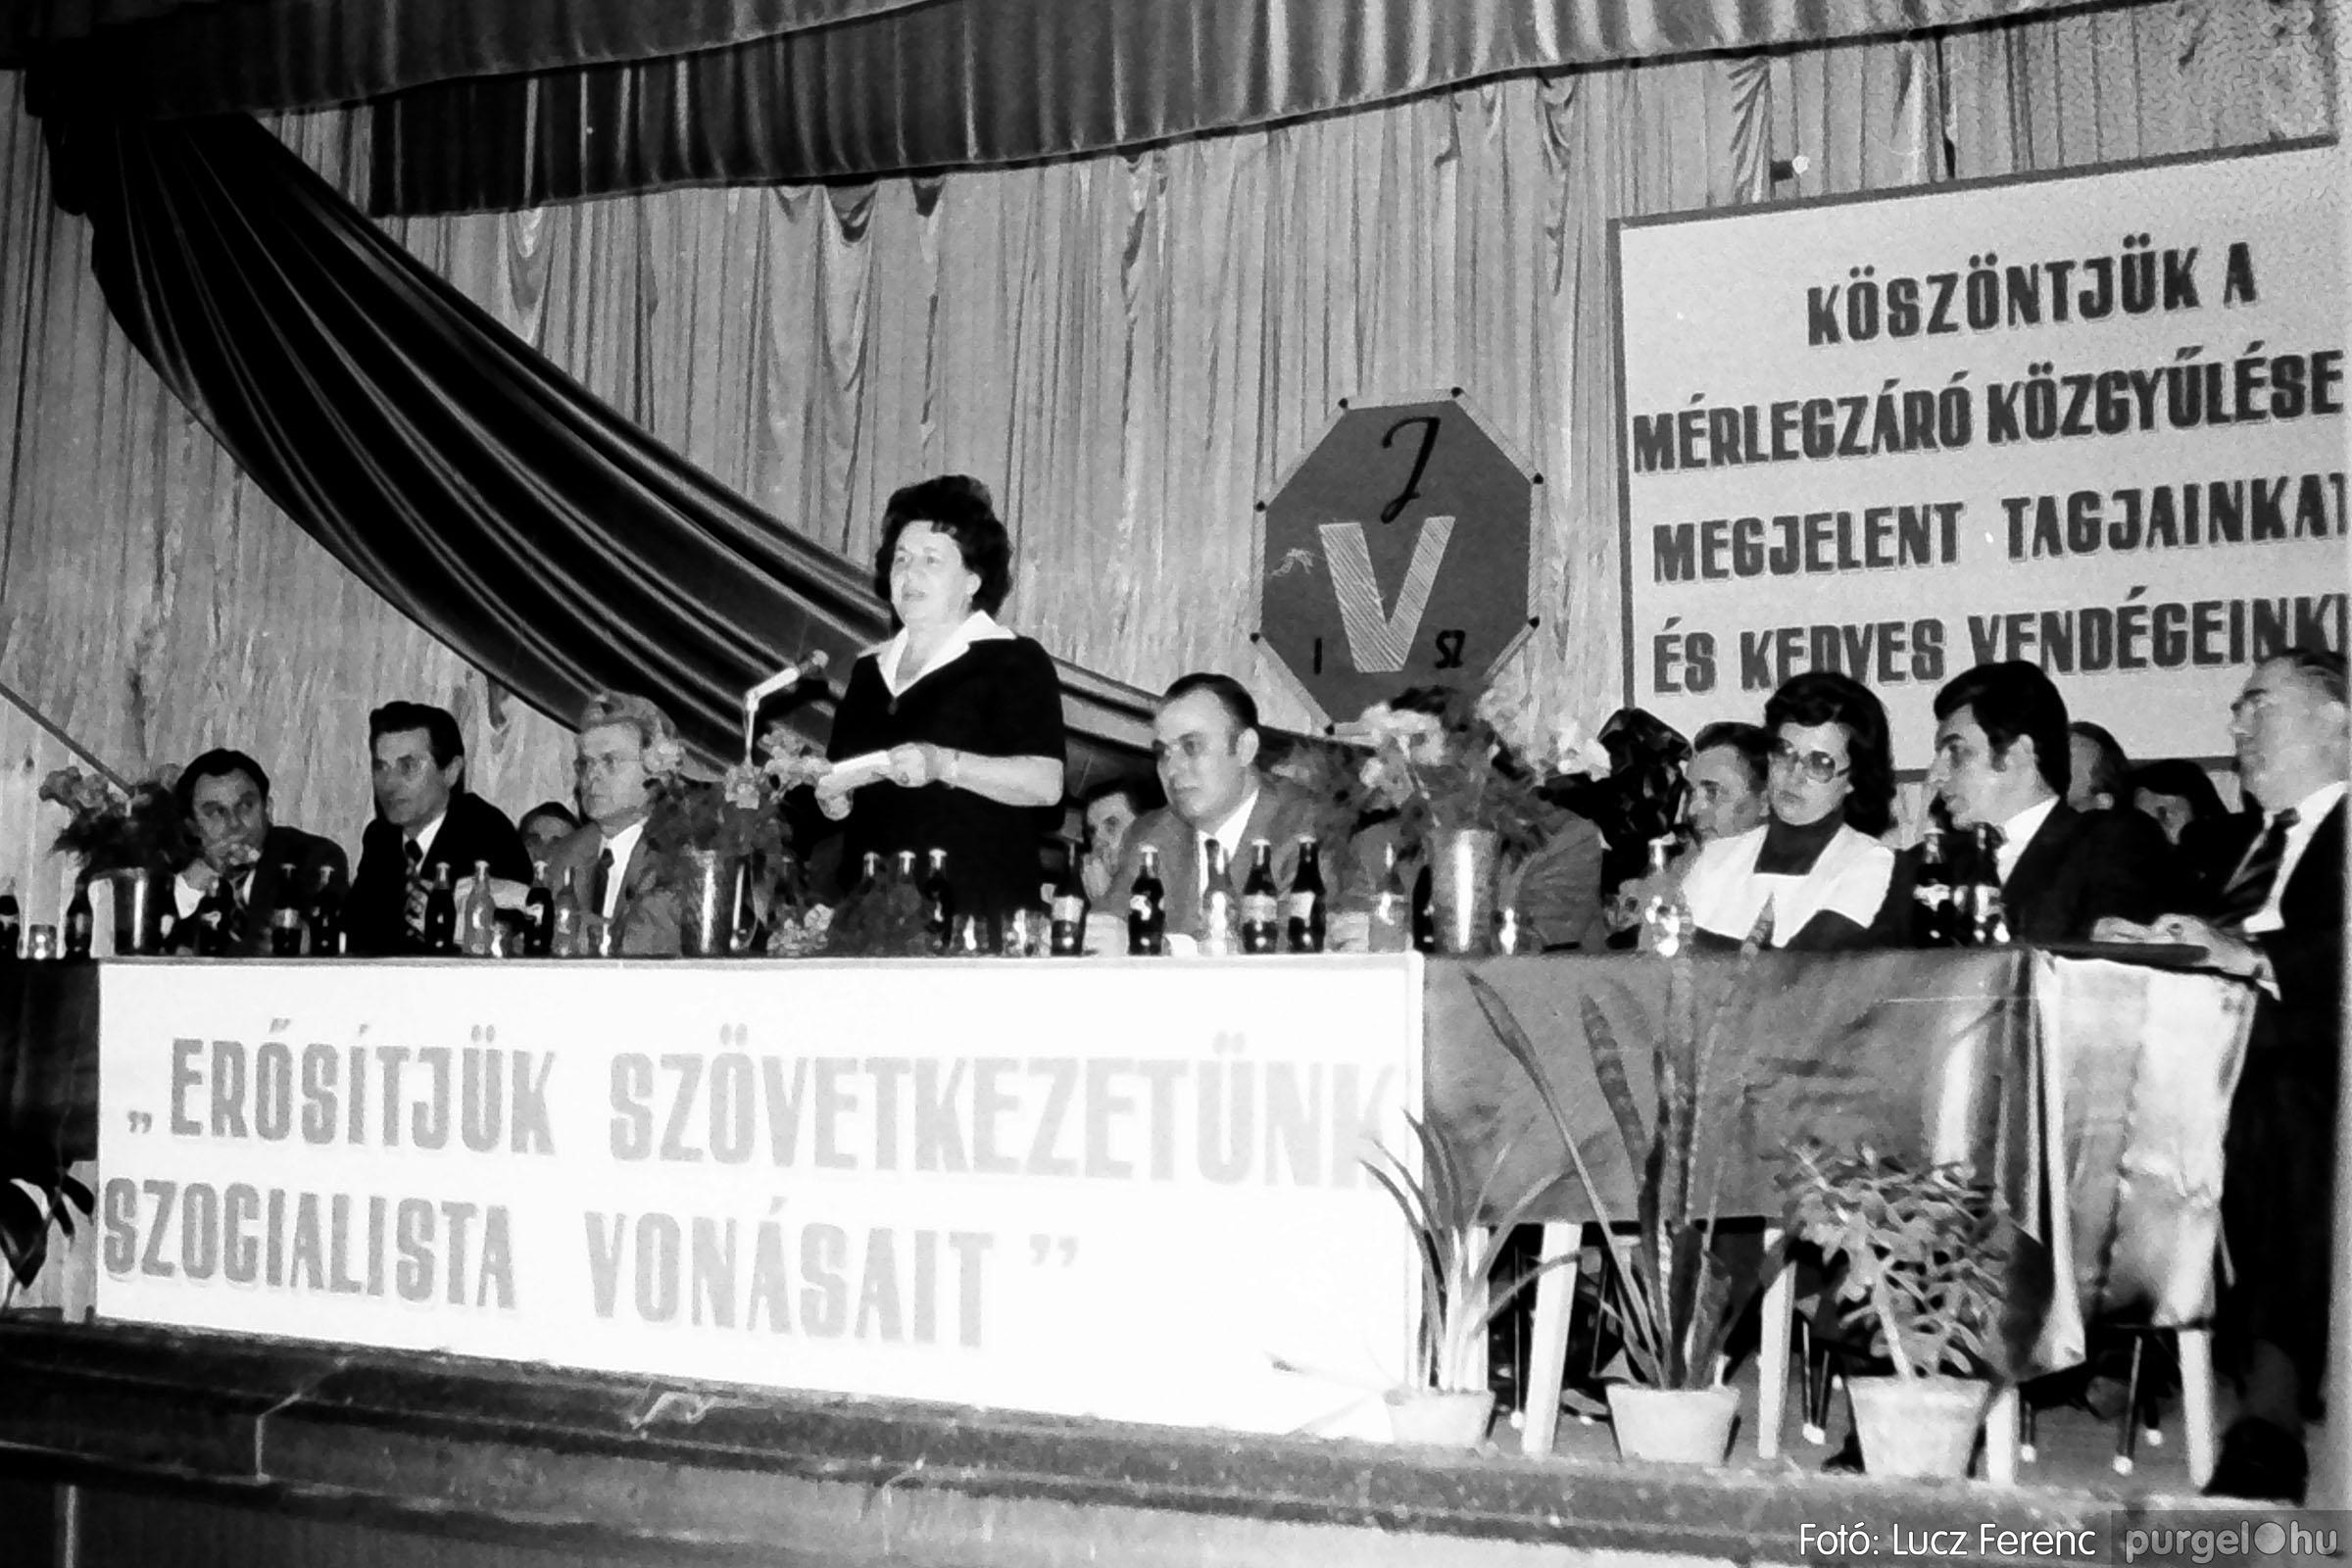 107. 1978. A KTSZ mérlegzáró közgyűlése 032. - Fotó: Lucz Ferenc.jpg